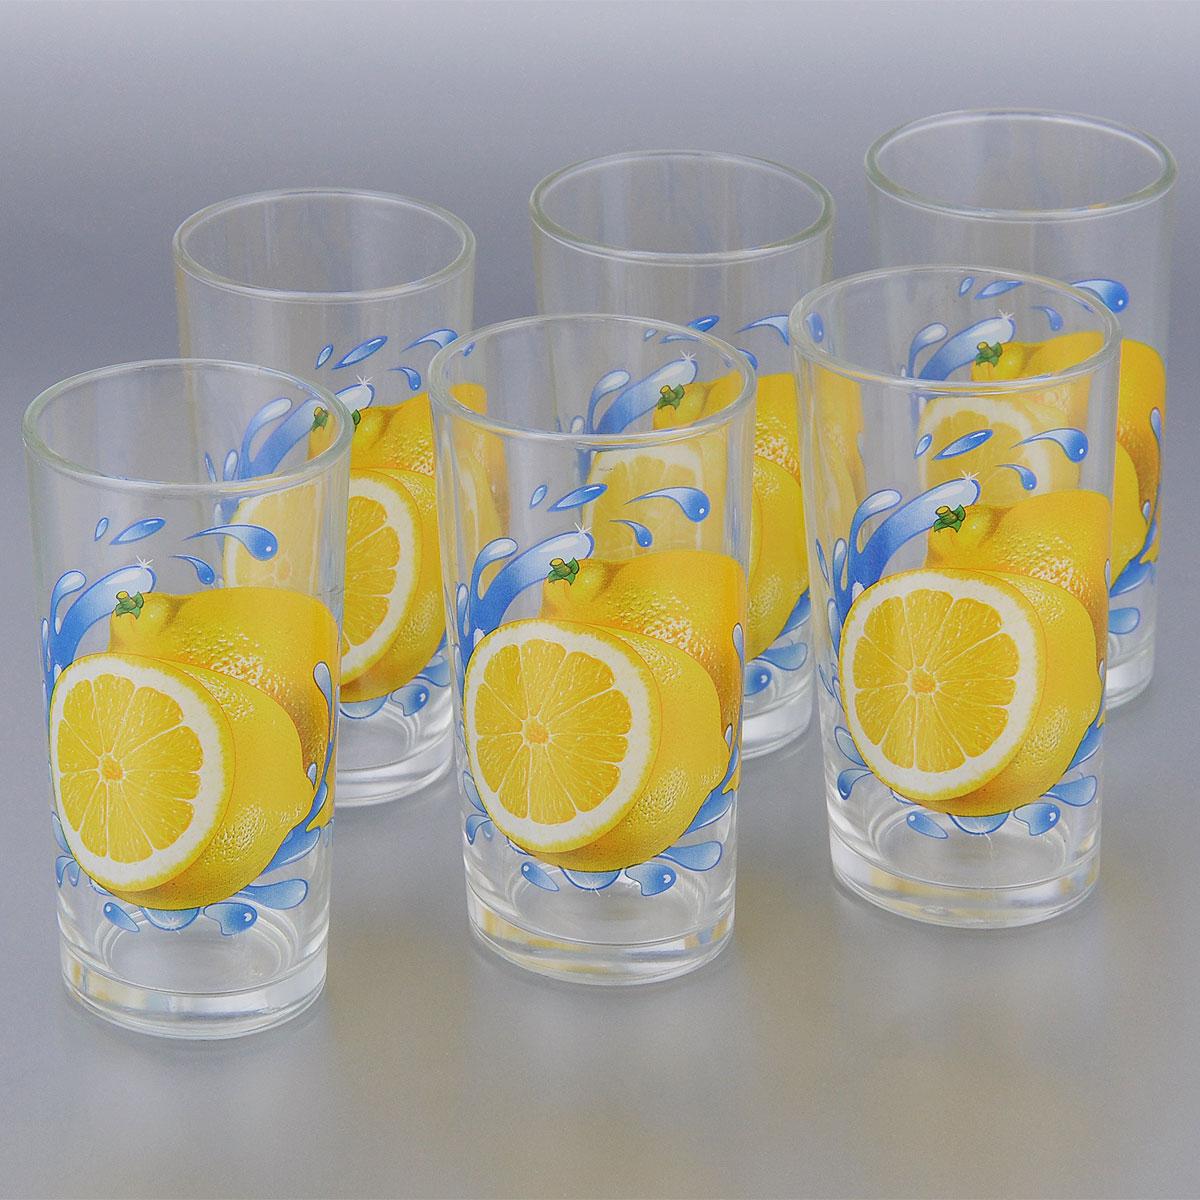 Набор стаканов OSZ Classico Ода. Лимон, 230 мл, 6 шт05С1256 ДЗ У ЛКНабор OSZ Classico Ода. Лимон состоит из шести стаканов, выполненных из прочного натрий-кальций-силикатного стекла. Изделия прекрасно подходят для различных напитков. Набор OSZ Classico Ода. Лимон идеален для ежедневного использования. Функциональность, практичность и стильный дизайн сделают набор прекрасным дополнением к вашей коллекции посуды. Диаметр стакана (по верхнему краю): 6,5 см. Высота стакана: 12,5 см. Диаметр дна стакана: 5 см.